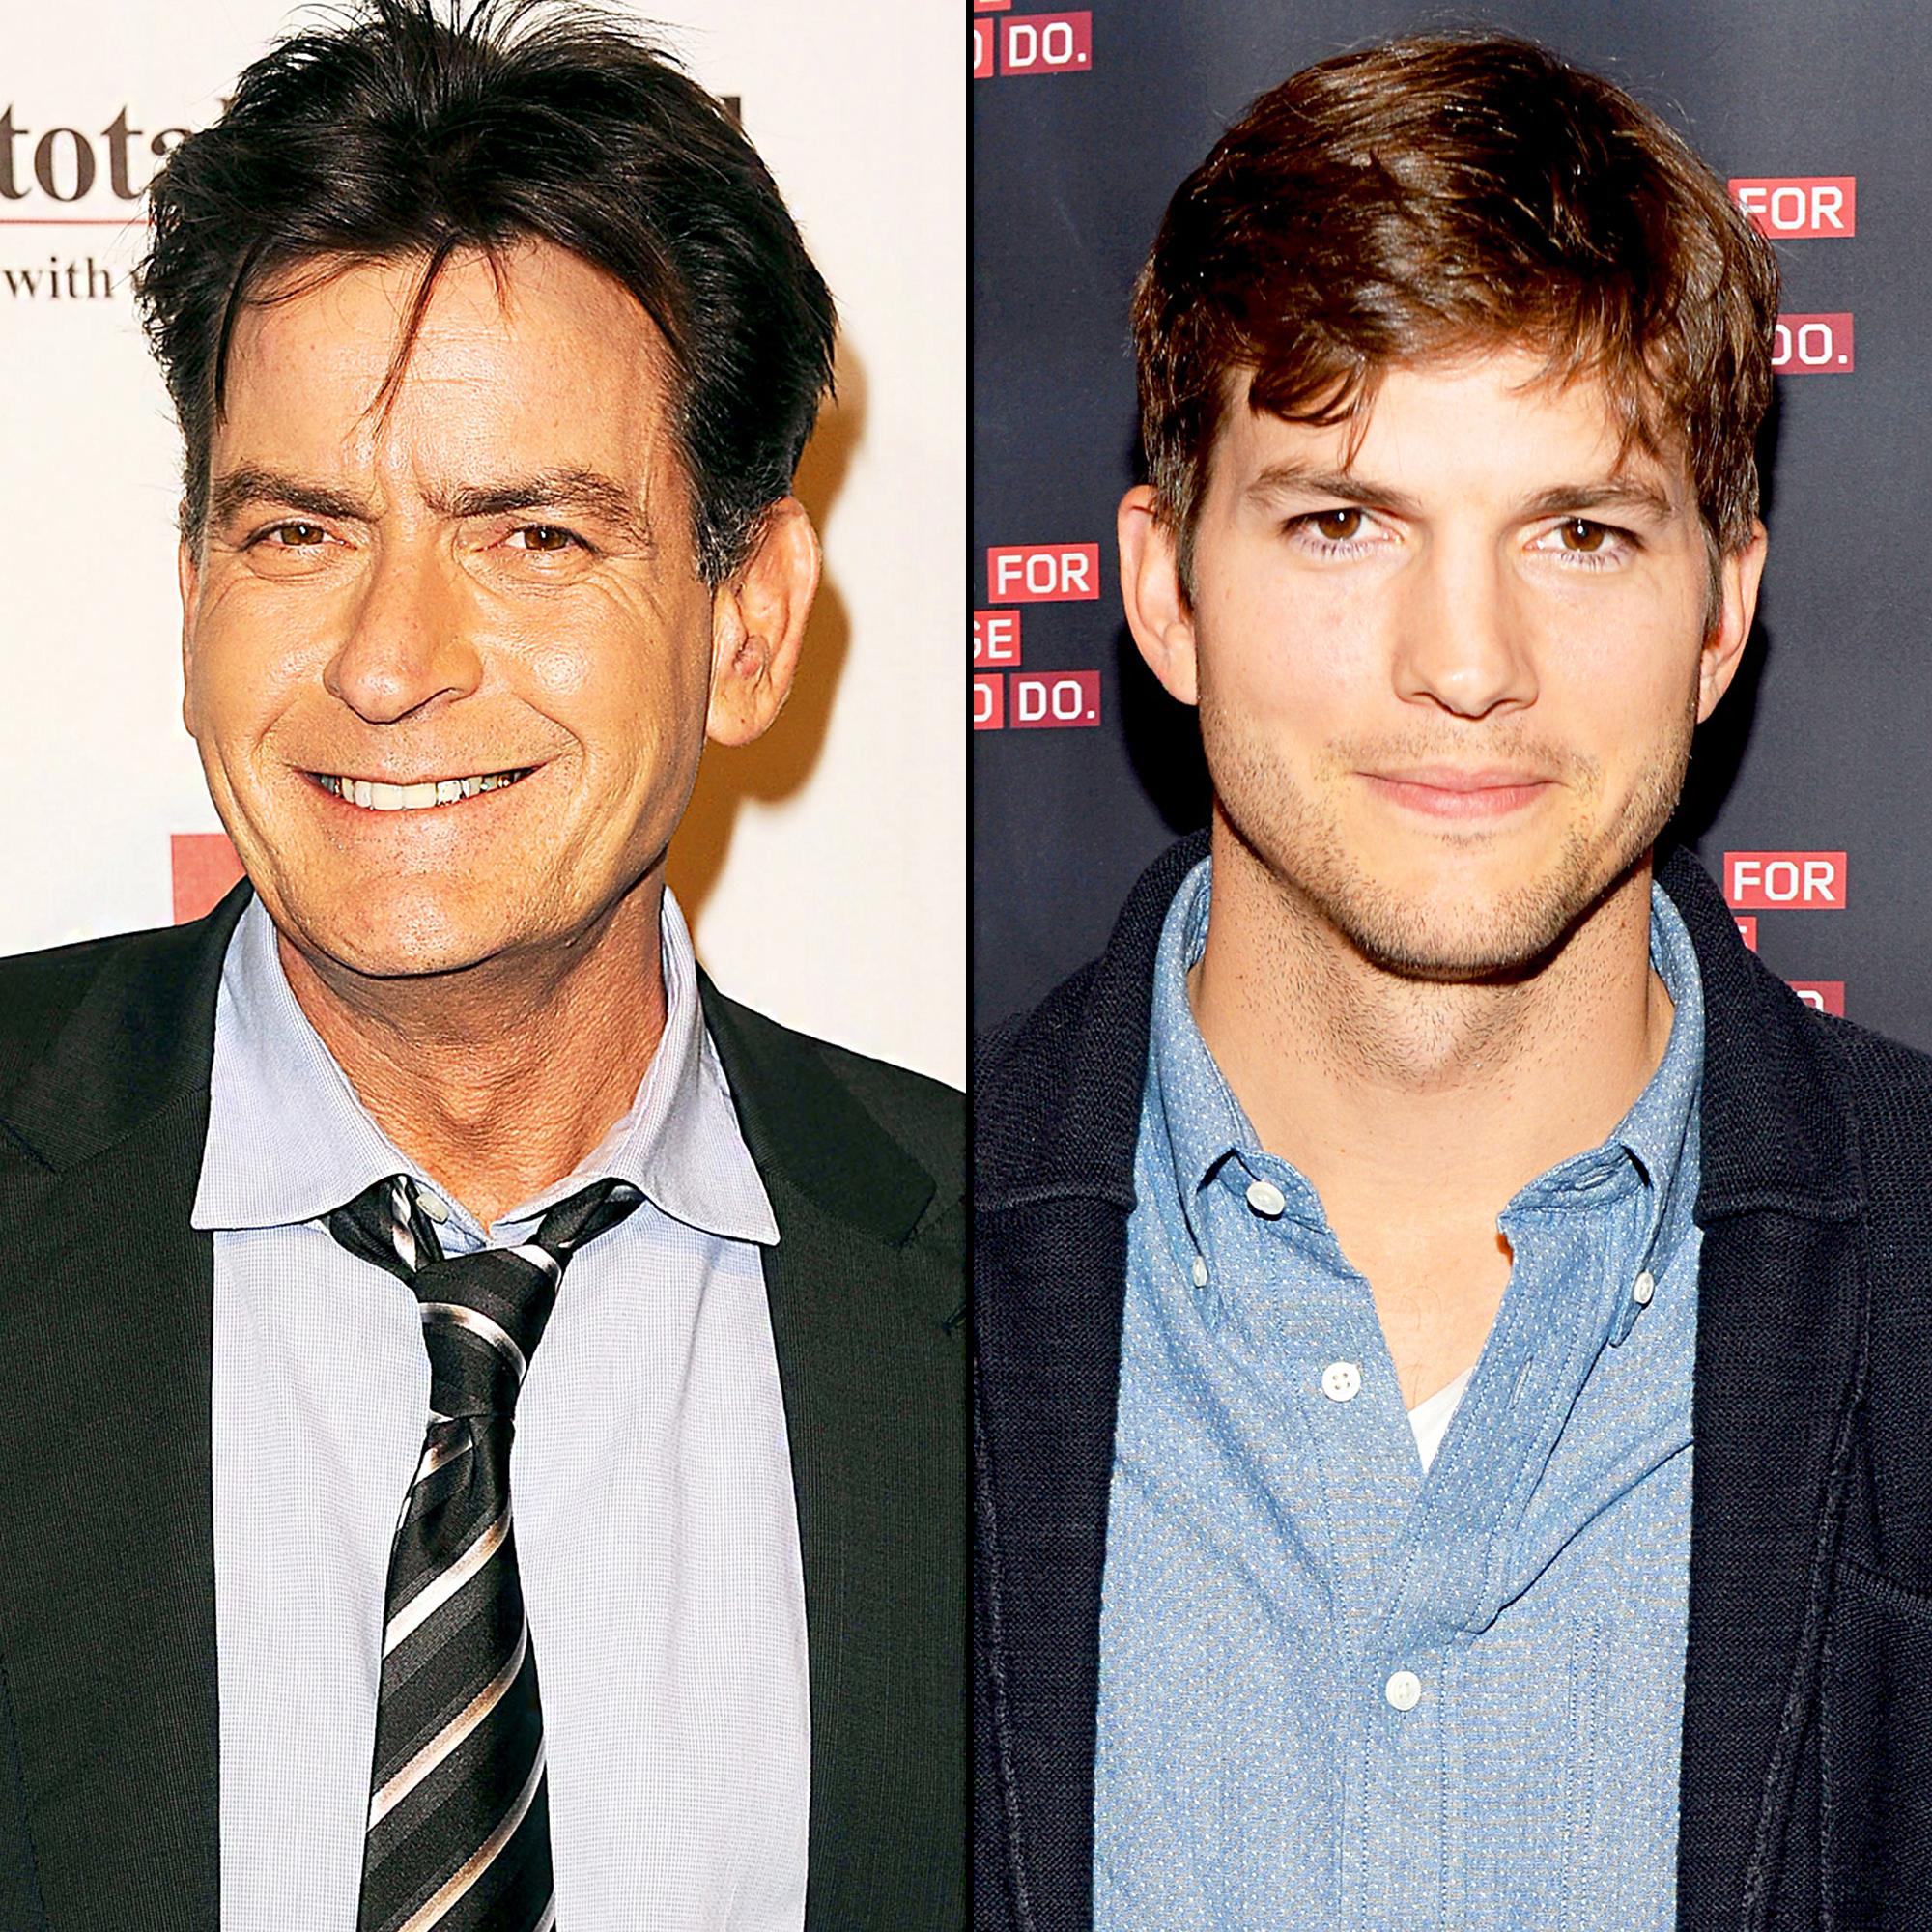 Charlie Sheen and Ashton Kutcher